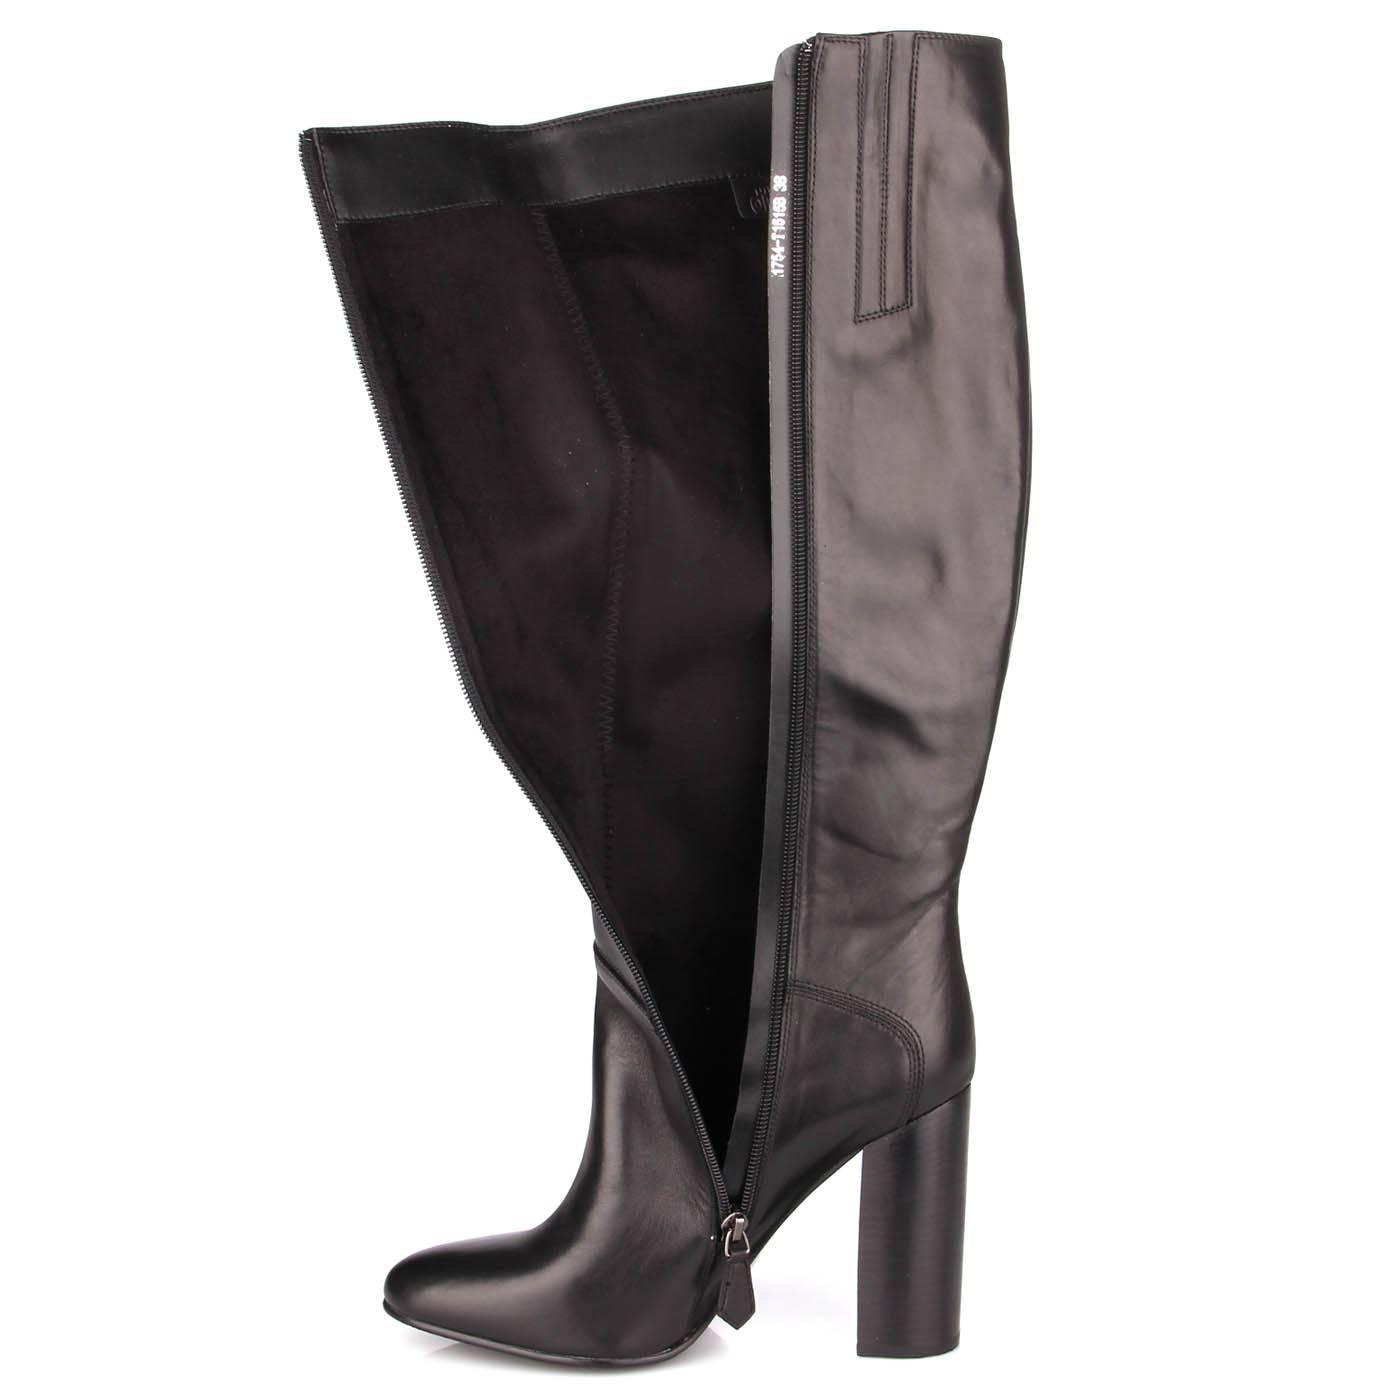 Чоботи жіночі ditto 6270 Чорний купить по выгодной цене в интернет ... 08e2d6a3399df